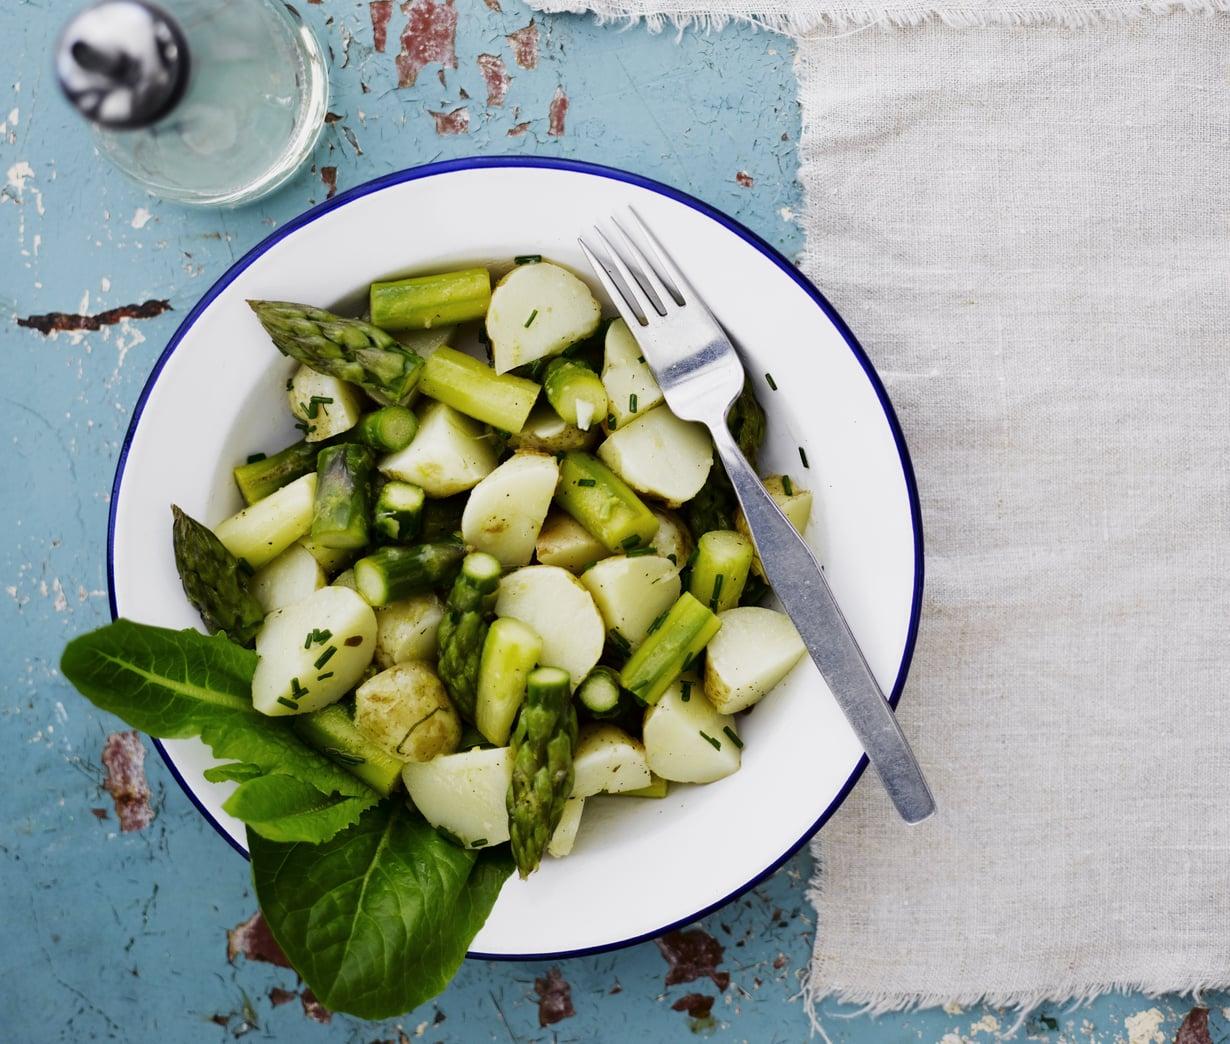 Parsa-perunasalaatti maistuu erityisen herkulliselta alkukesästä, kun tarjolla on varhaisperunoita. Kuva: Sami Repo